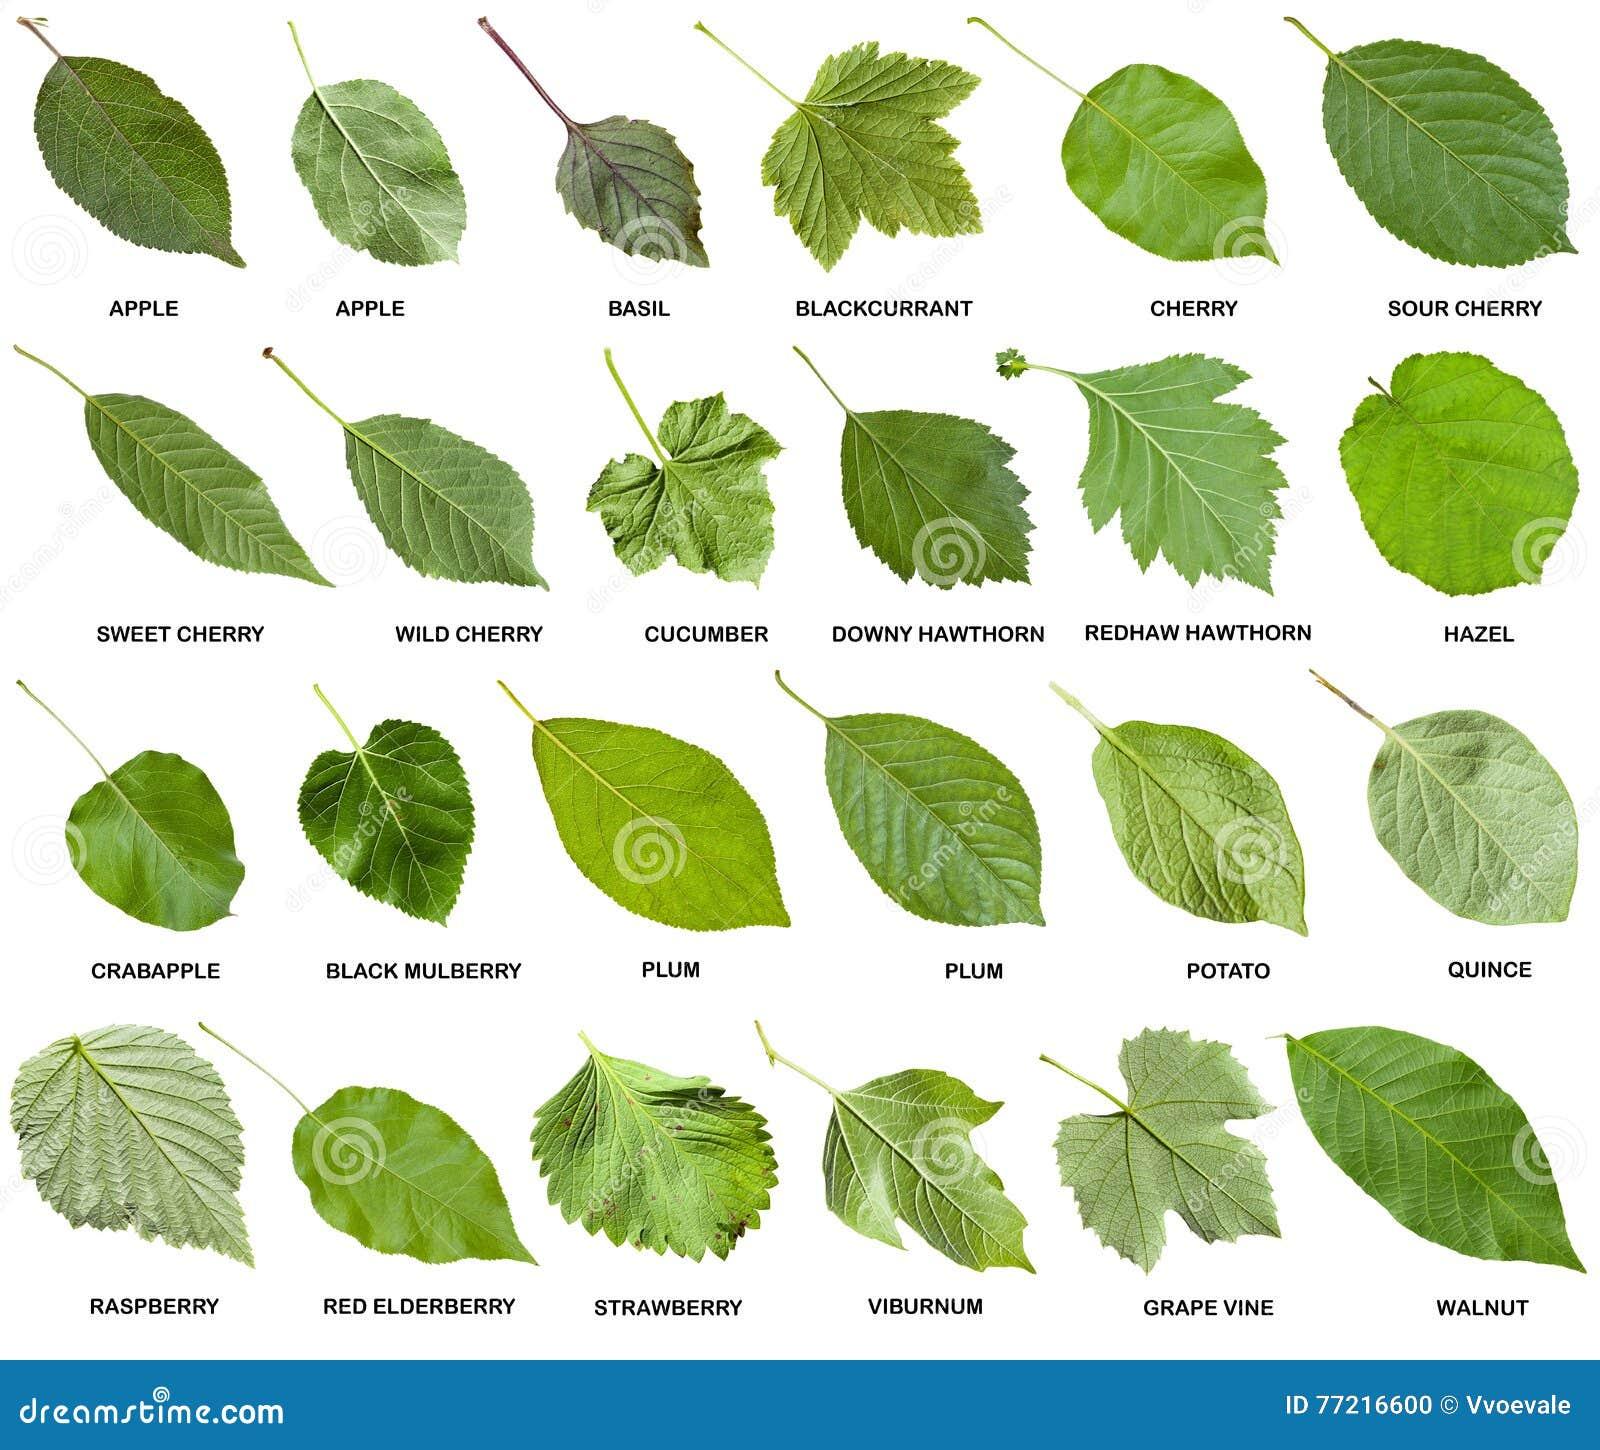 Collage De Las Hojas Verdes De Arboles Con Nombres Foto De Archivo - Hojas-de-arboles